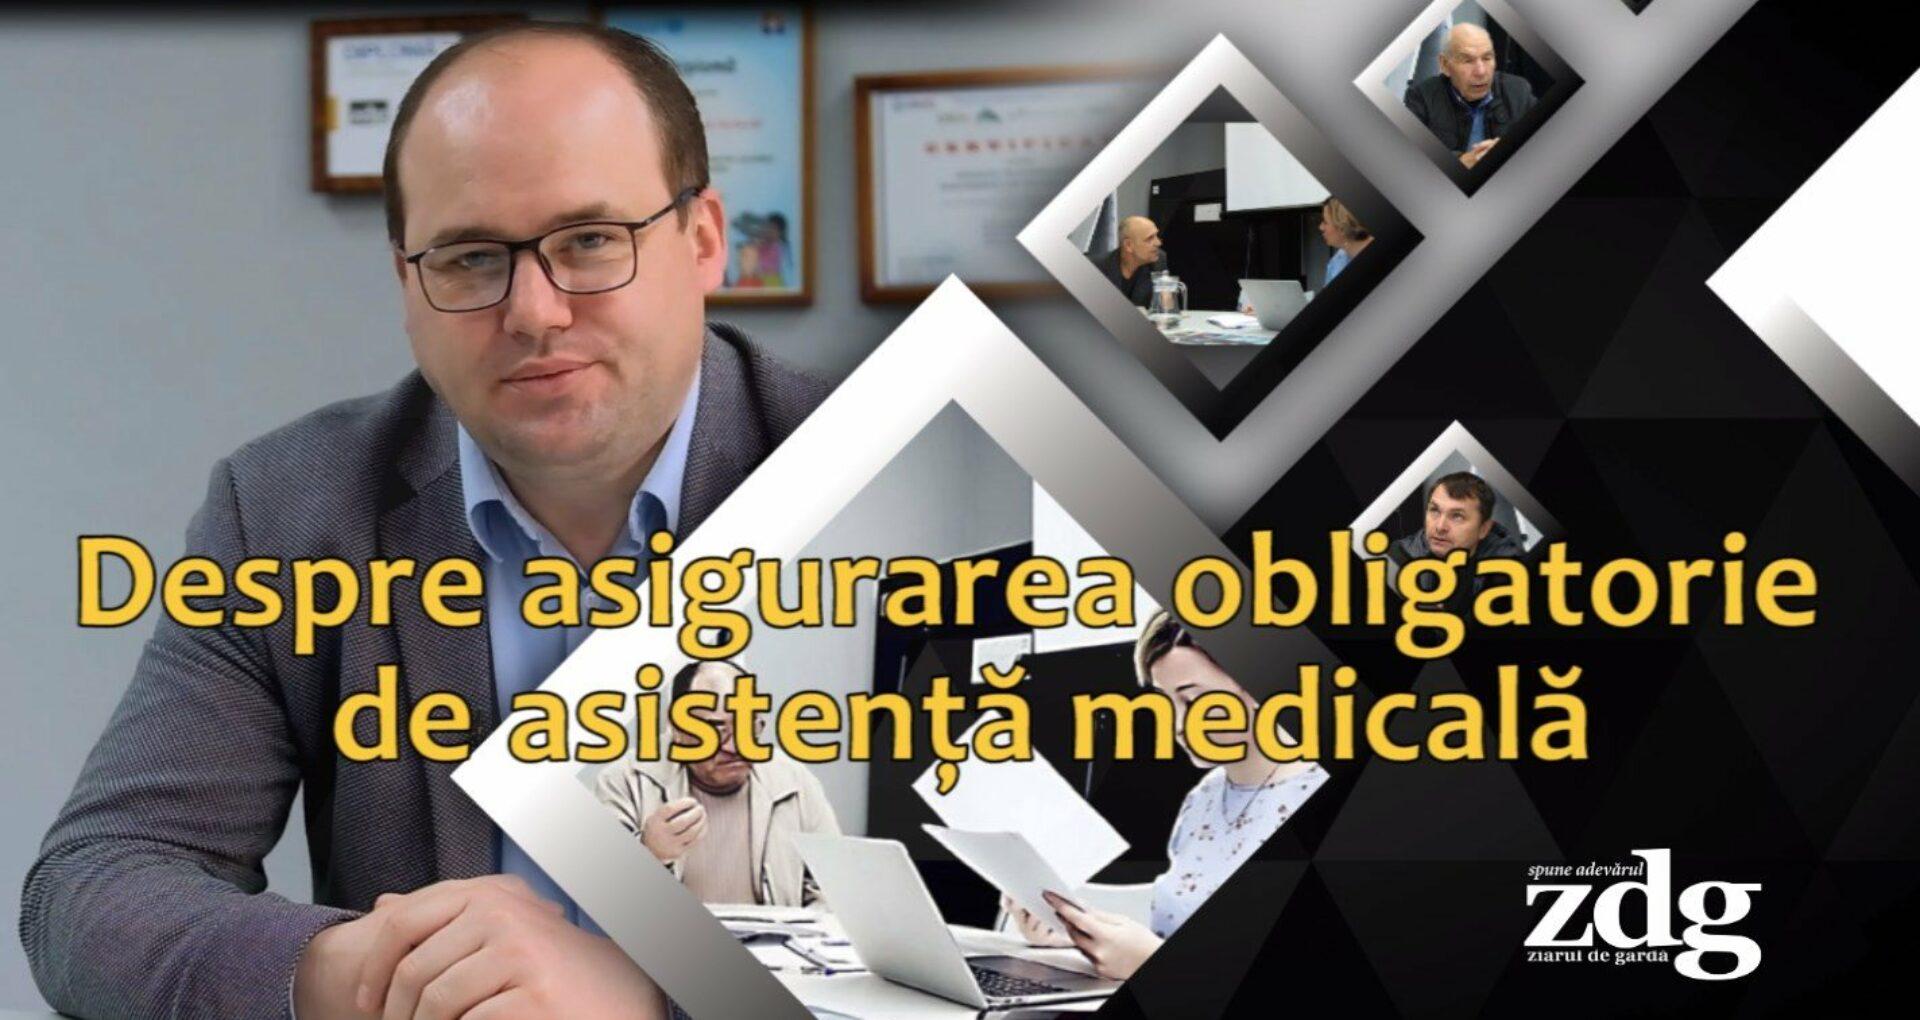 Despre asigurarea obligatorie de asistență medicală. Clinica Juridică ZdG